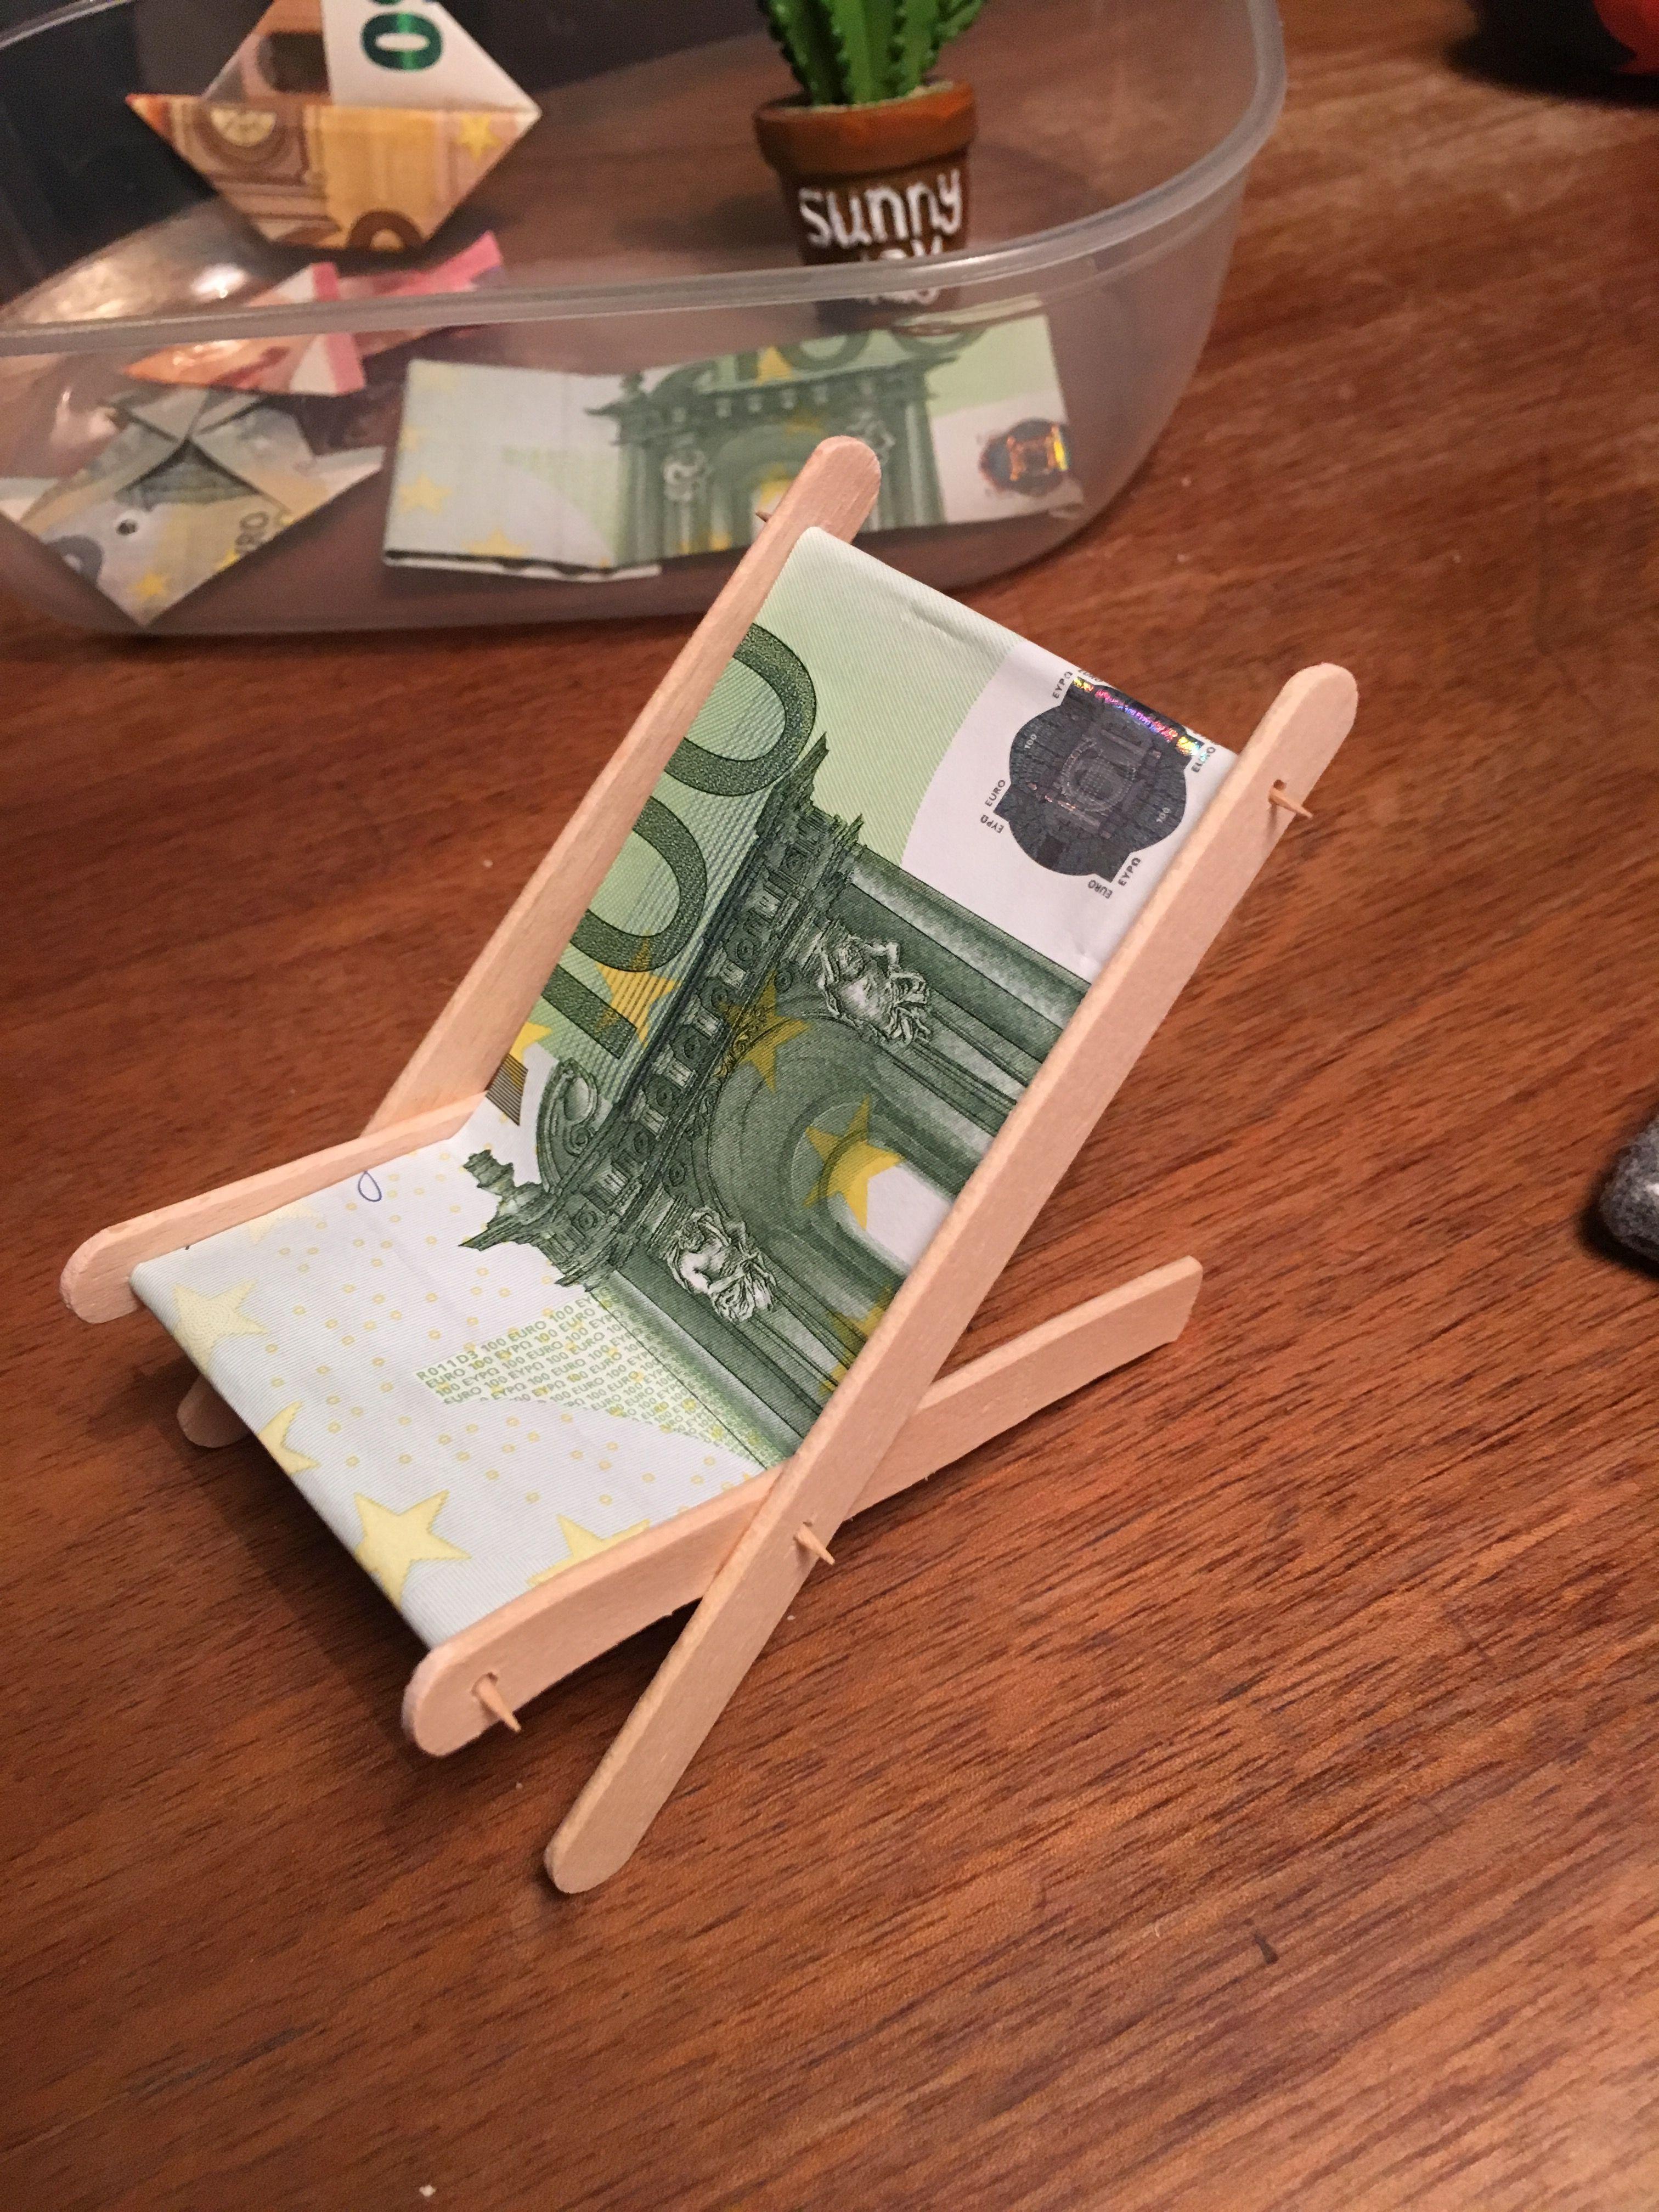 geldgeschenk liegestuhl hochzeit urlaub Bf Geldgeschenke, Geldgeschenke verpacken urlaub und